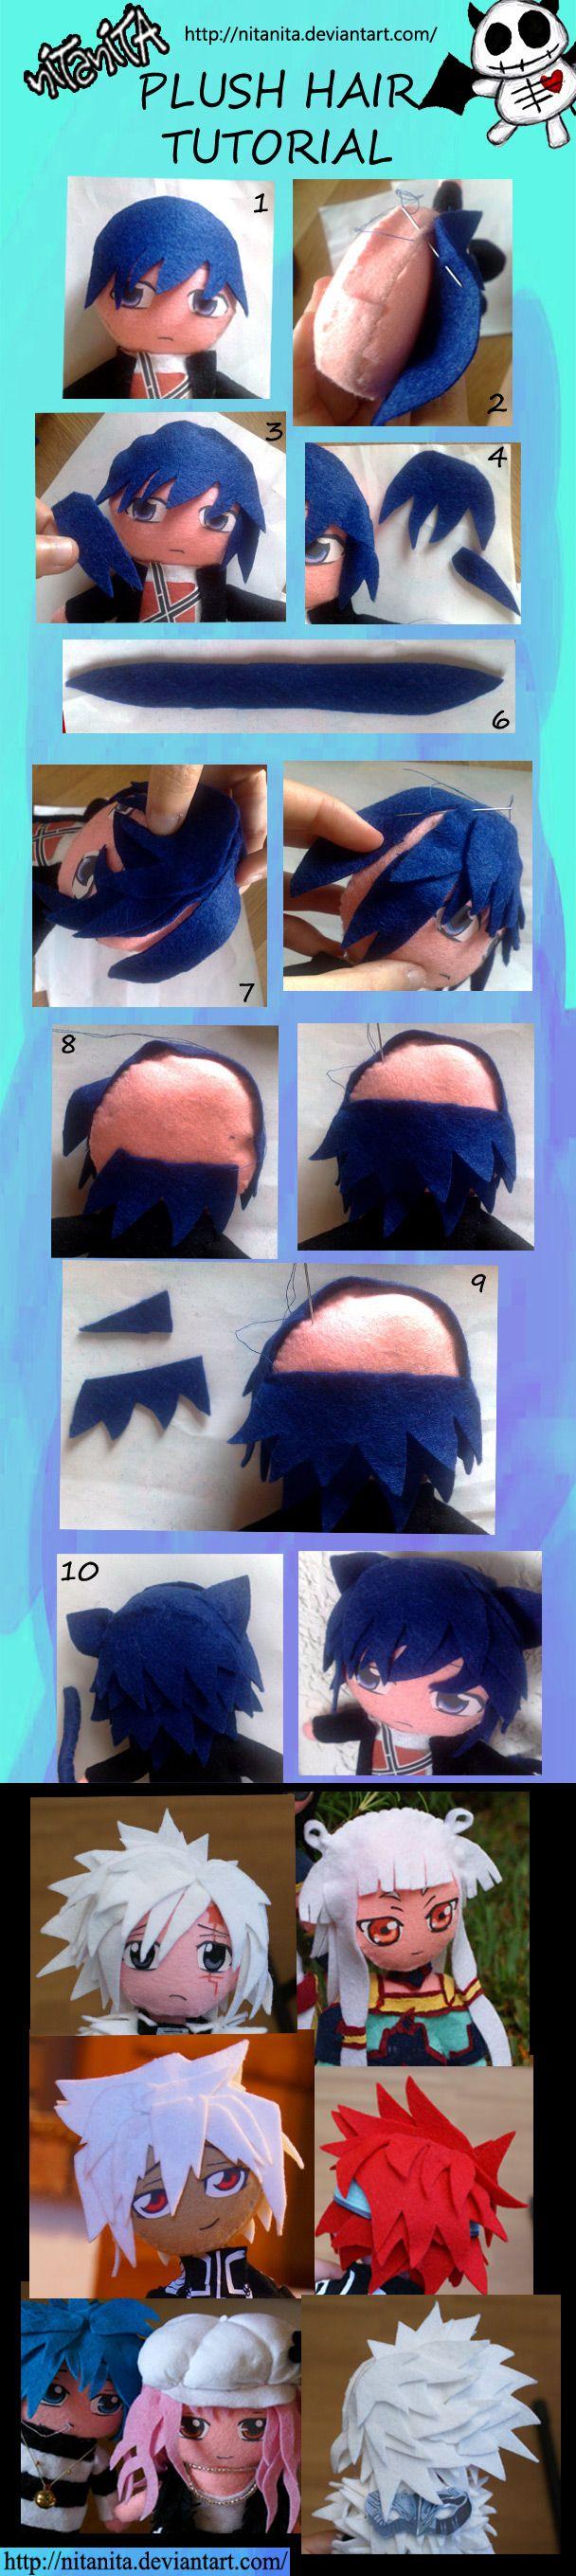 Plush Hair tutorial by nitanita on deviantART